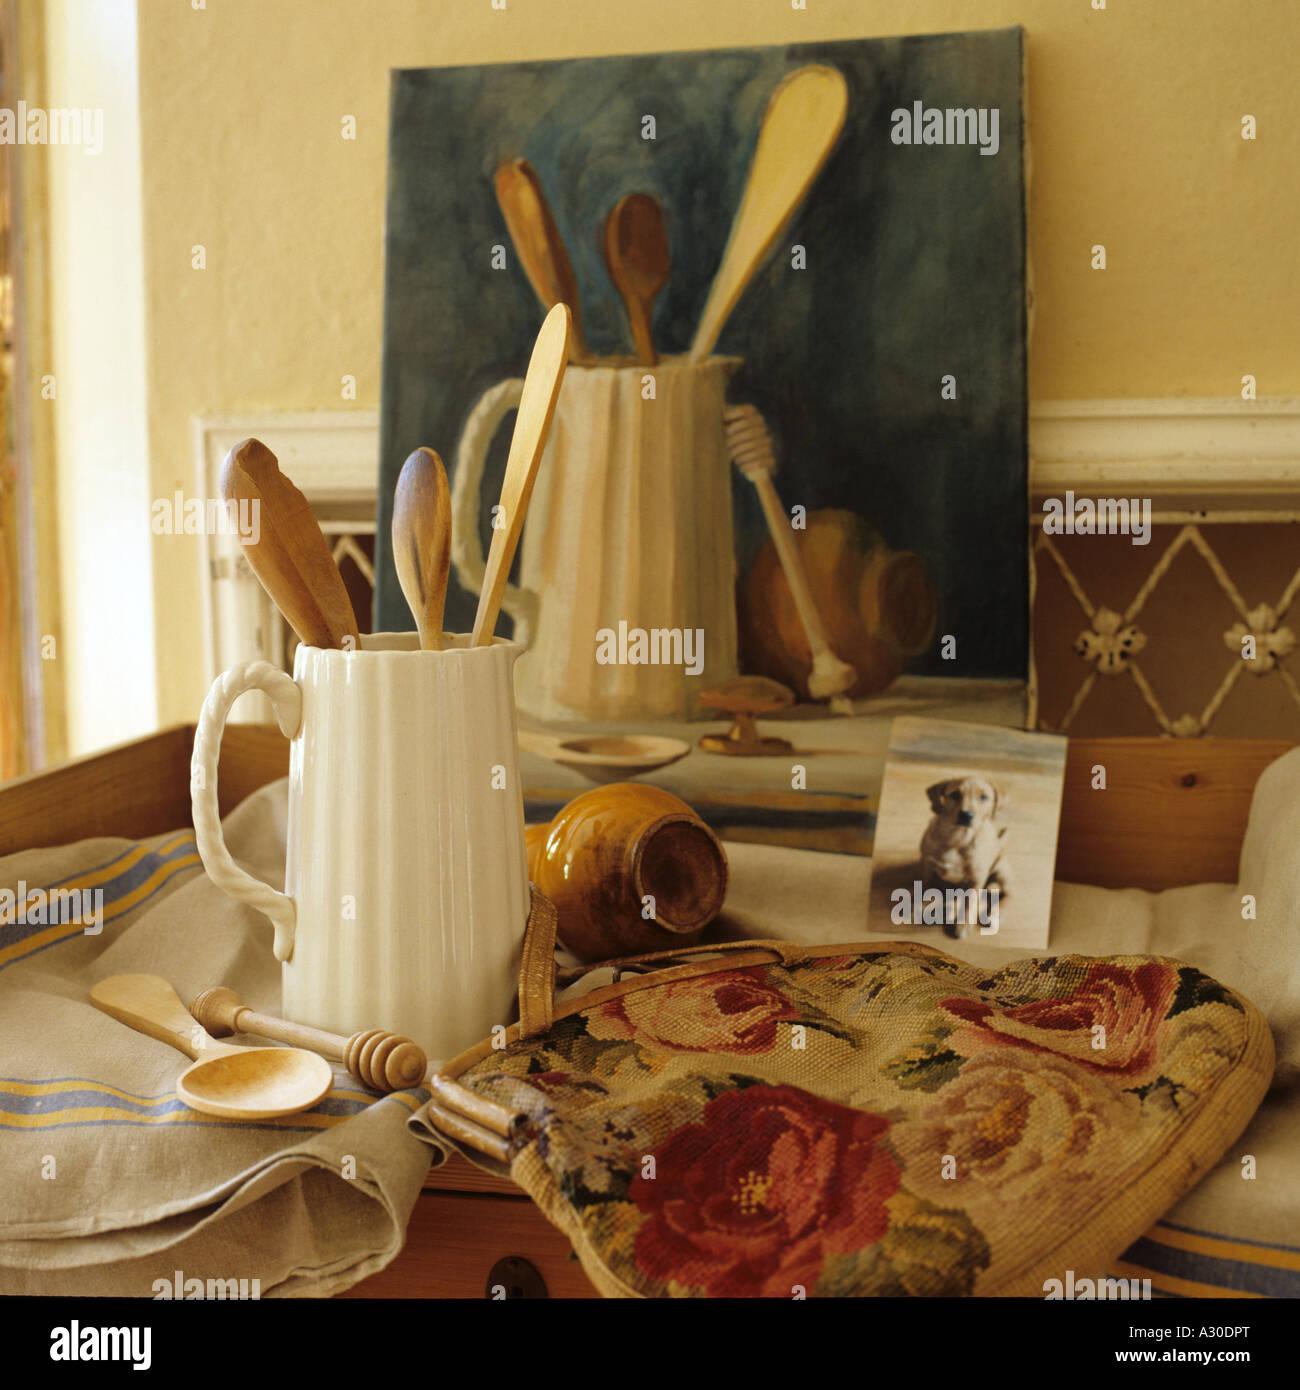 La nature morte peinture à l'huile de cuillères en bois dans une cruche Photo Stock